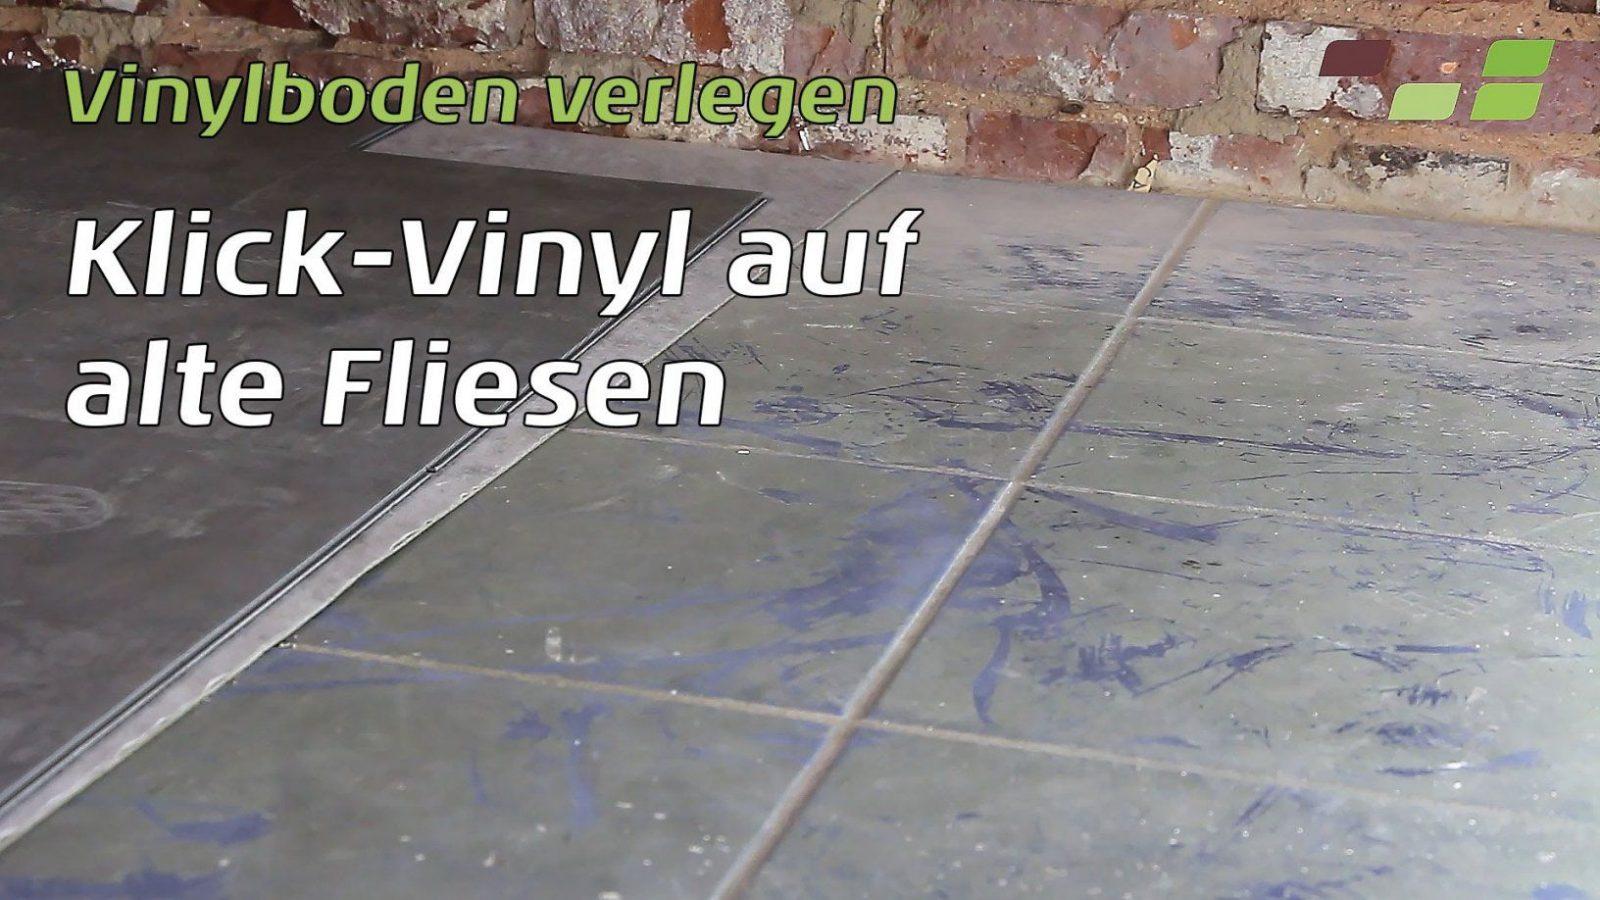 Vinylboden Auf Fliesen Verlegen Planeo Klickvinyl  Youtube von Vinylboden Im Bad Verlegen Bild